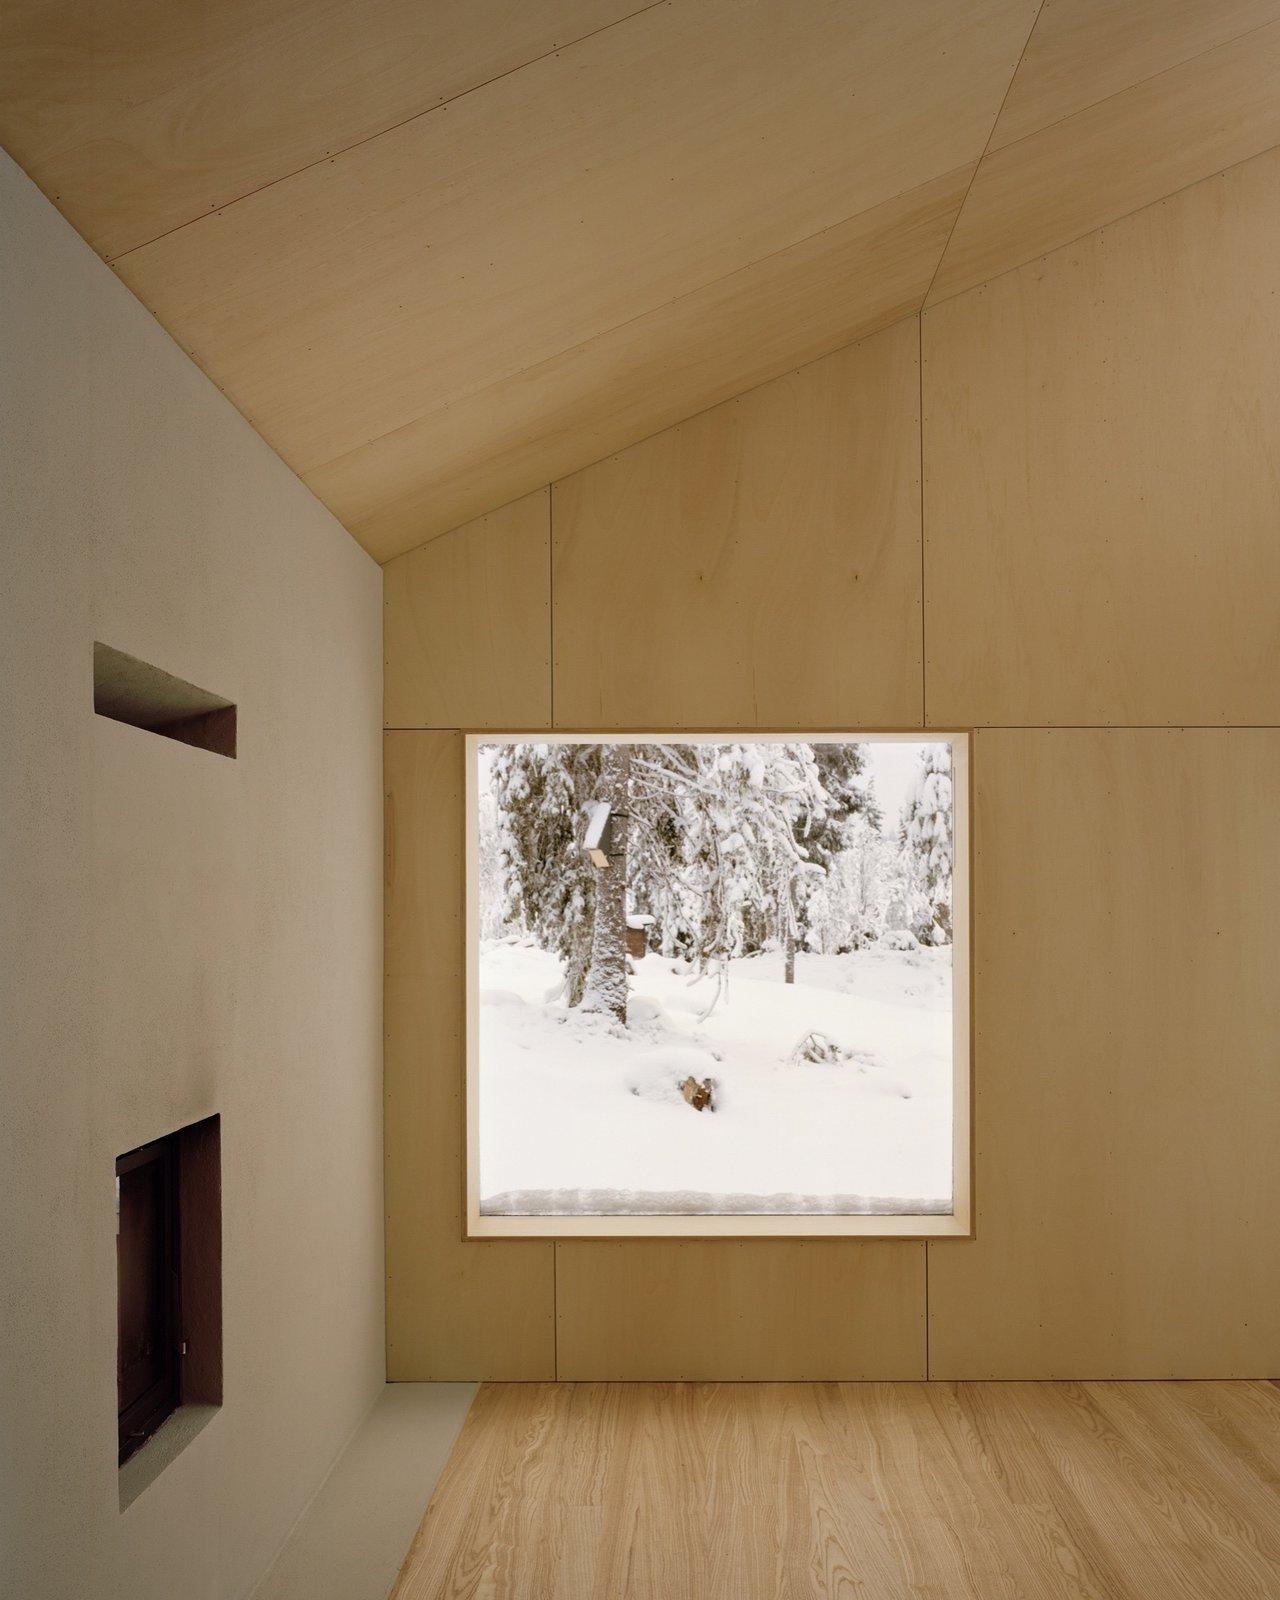 Photo 9 of 18 in The Vindheim Cabin: Snowbound in Norway